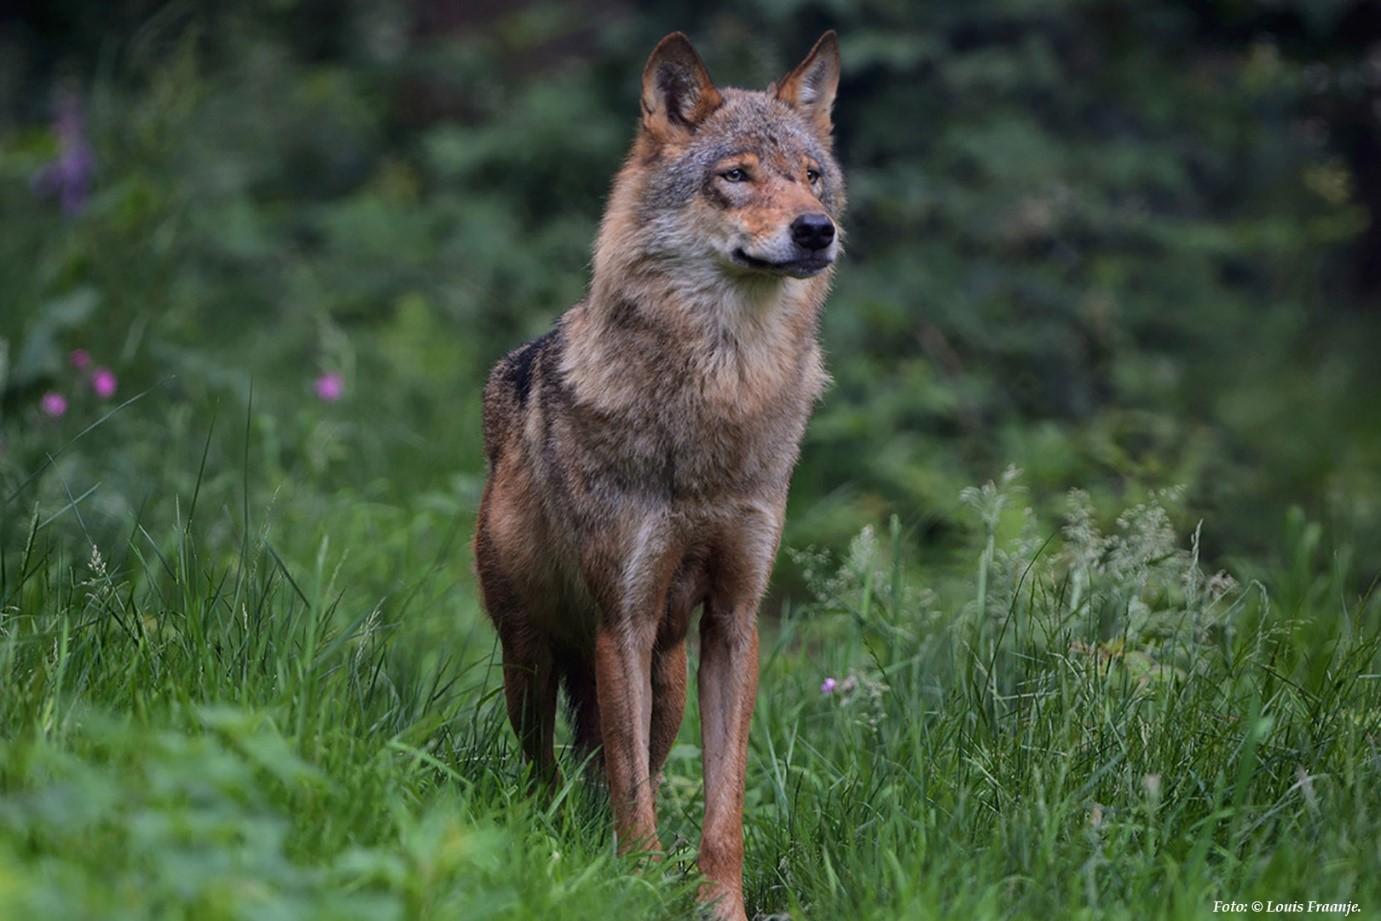 De wolf is na 150 jaar weer definitief terug in ons land. Zelfs de eerste jongen zijn in 2019 op de Noord-Veluwe geboren - Foto: ©Louis Fraanje.